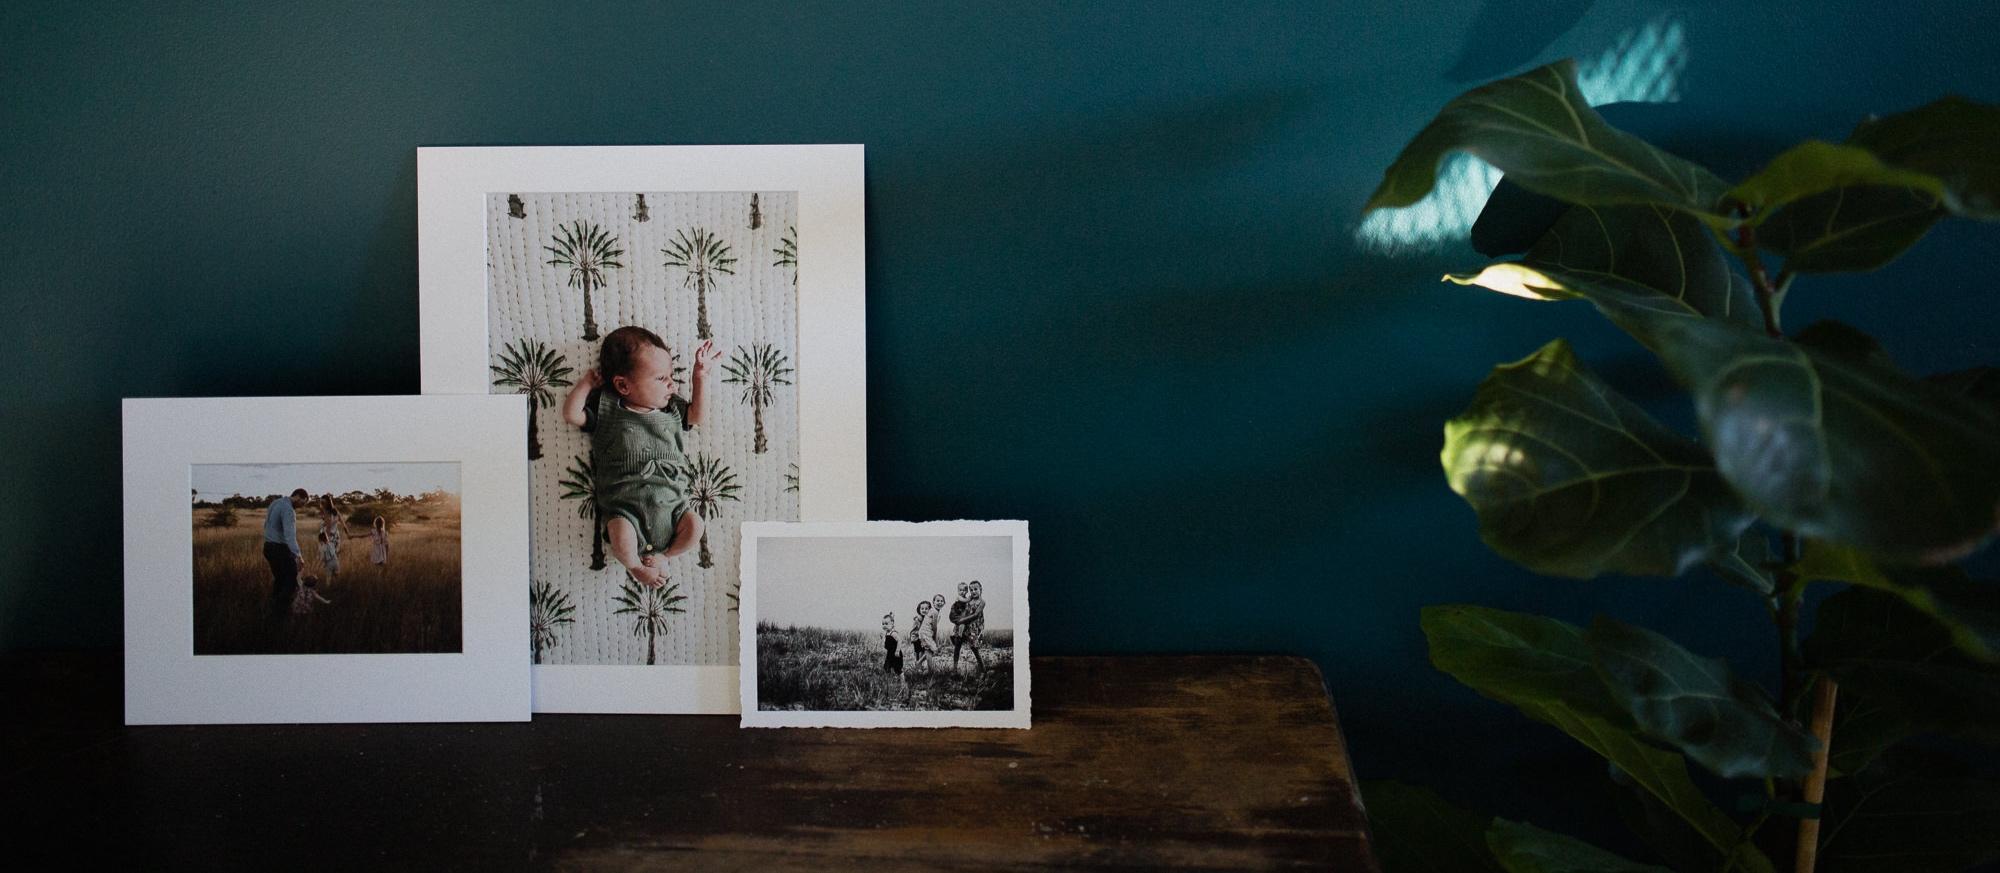 Townsville photographer luxury keepsake print products